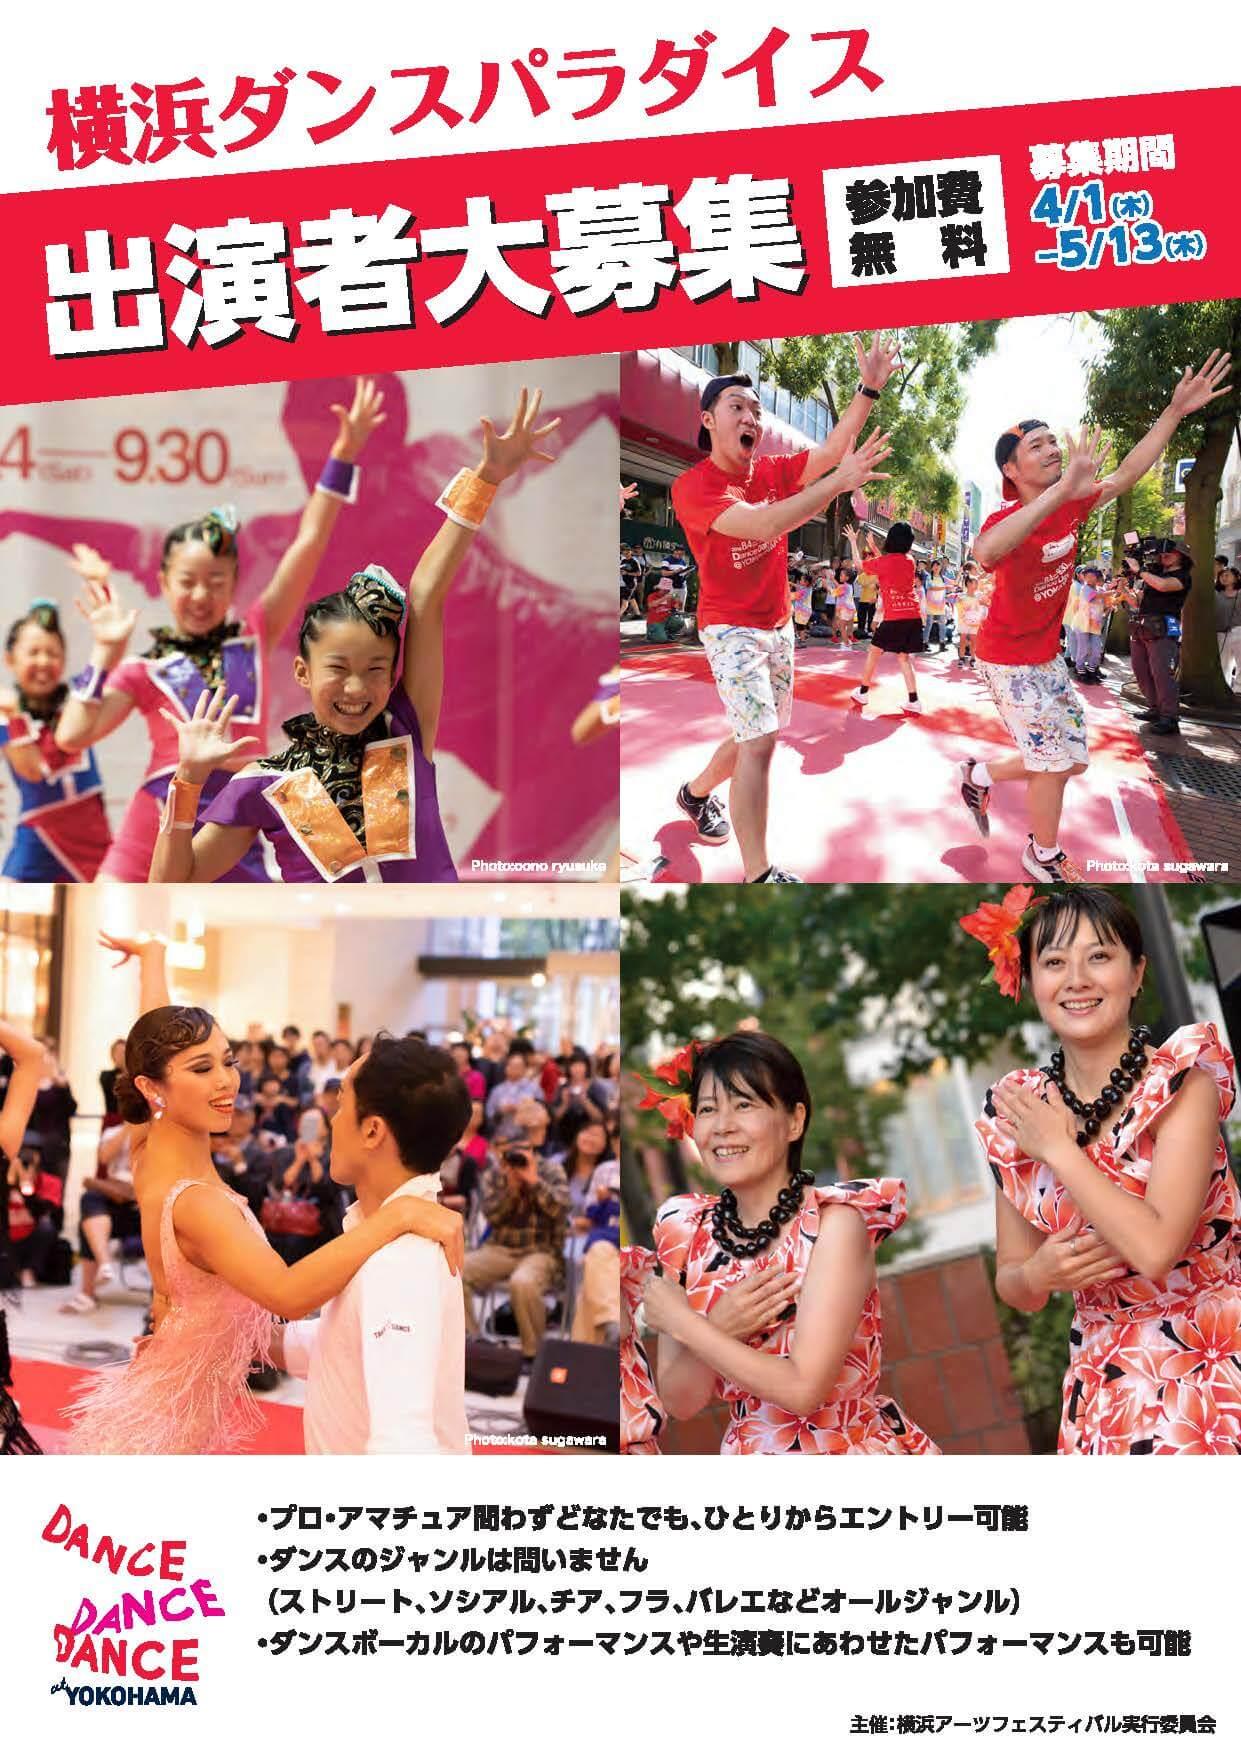 横浜ダンスパラダイス出演者募集チラシ